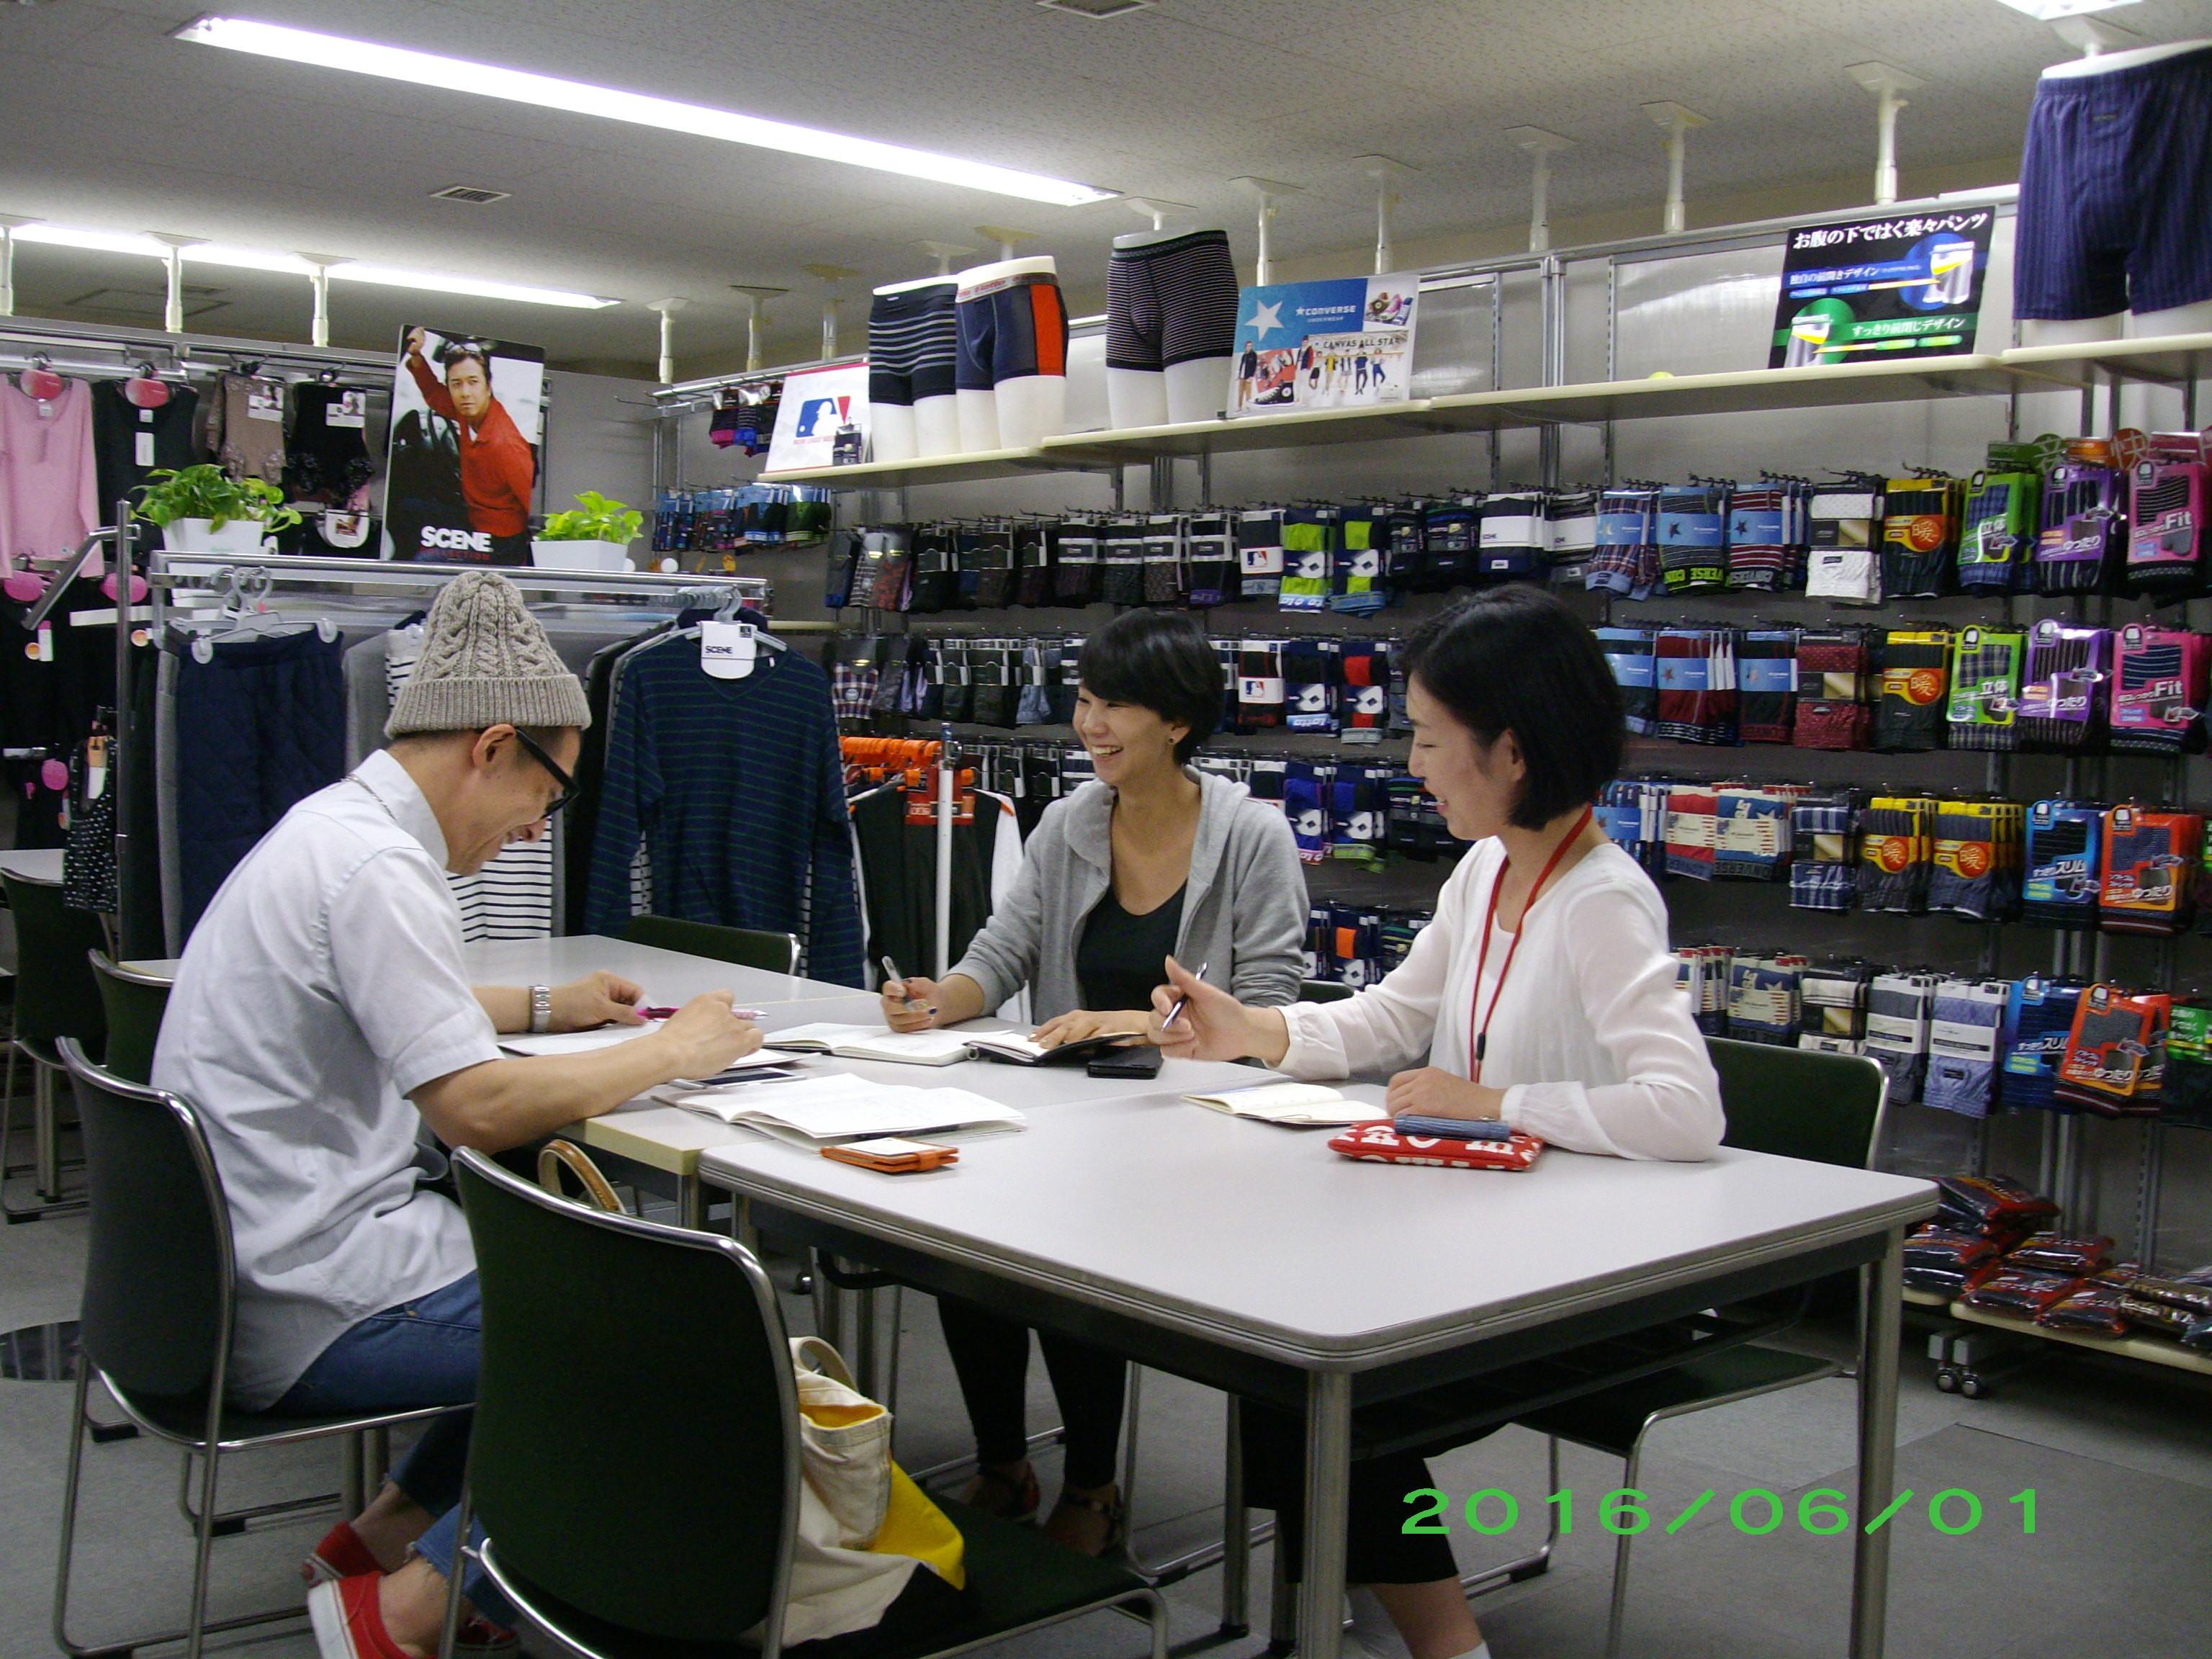 株式会社カイタックファミリー 東京支店 のアルバイト情報